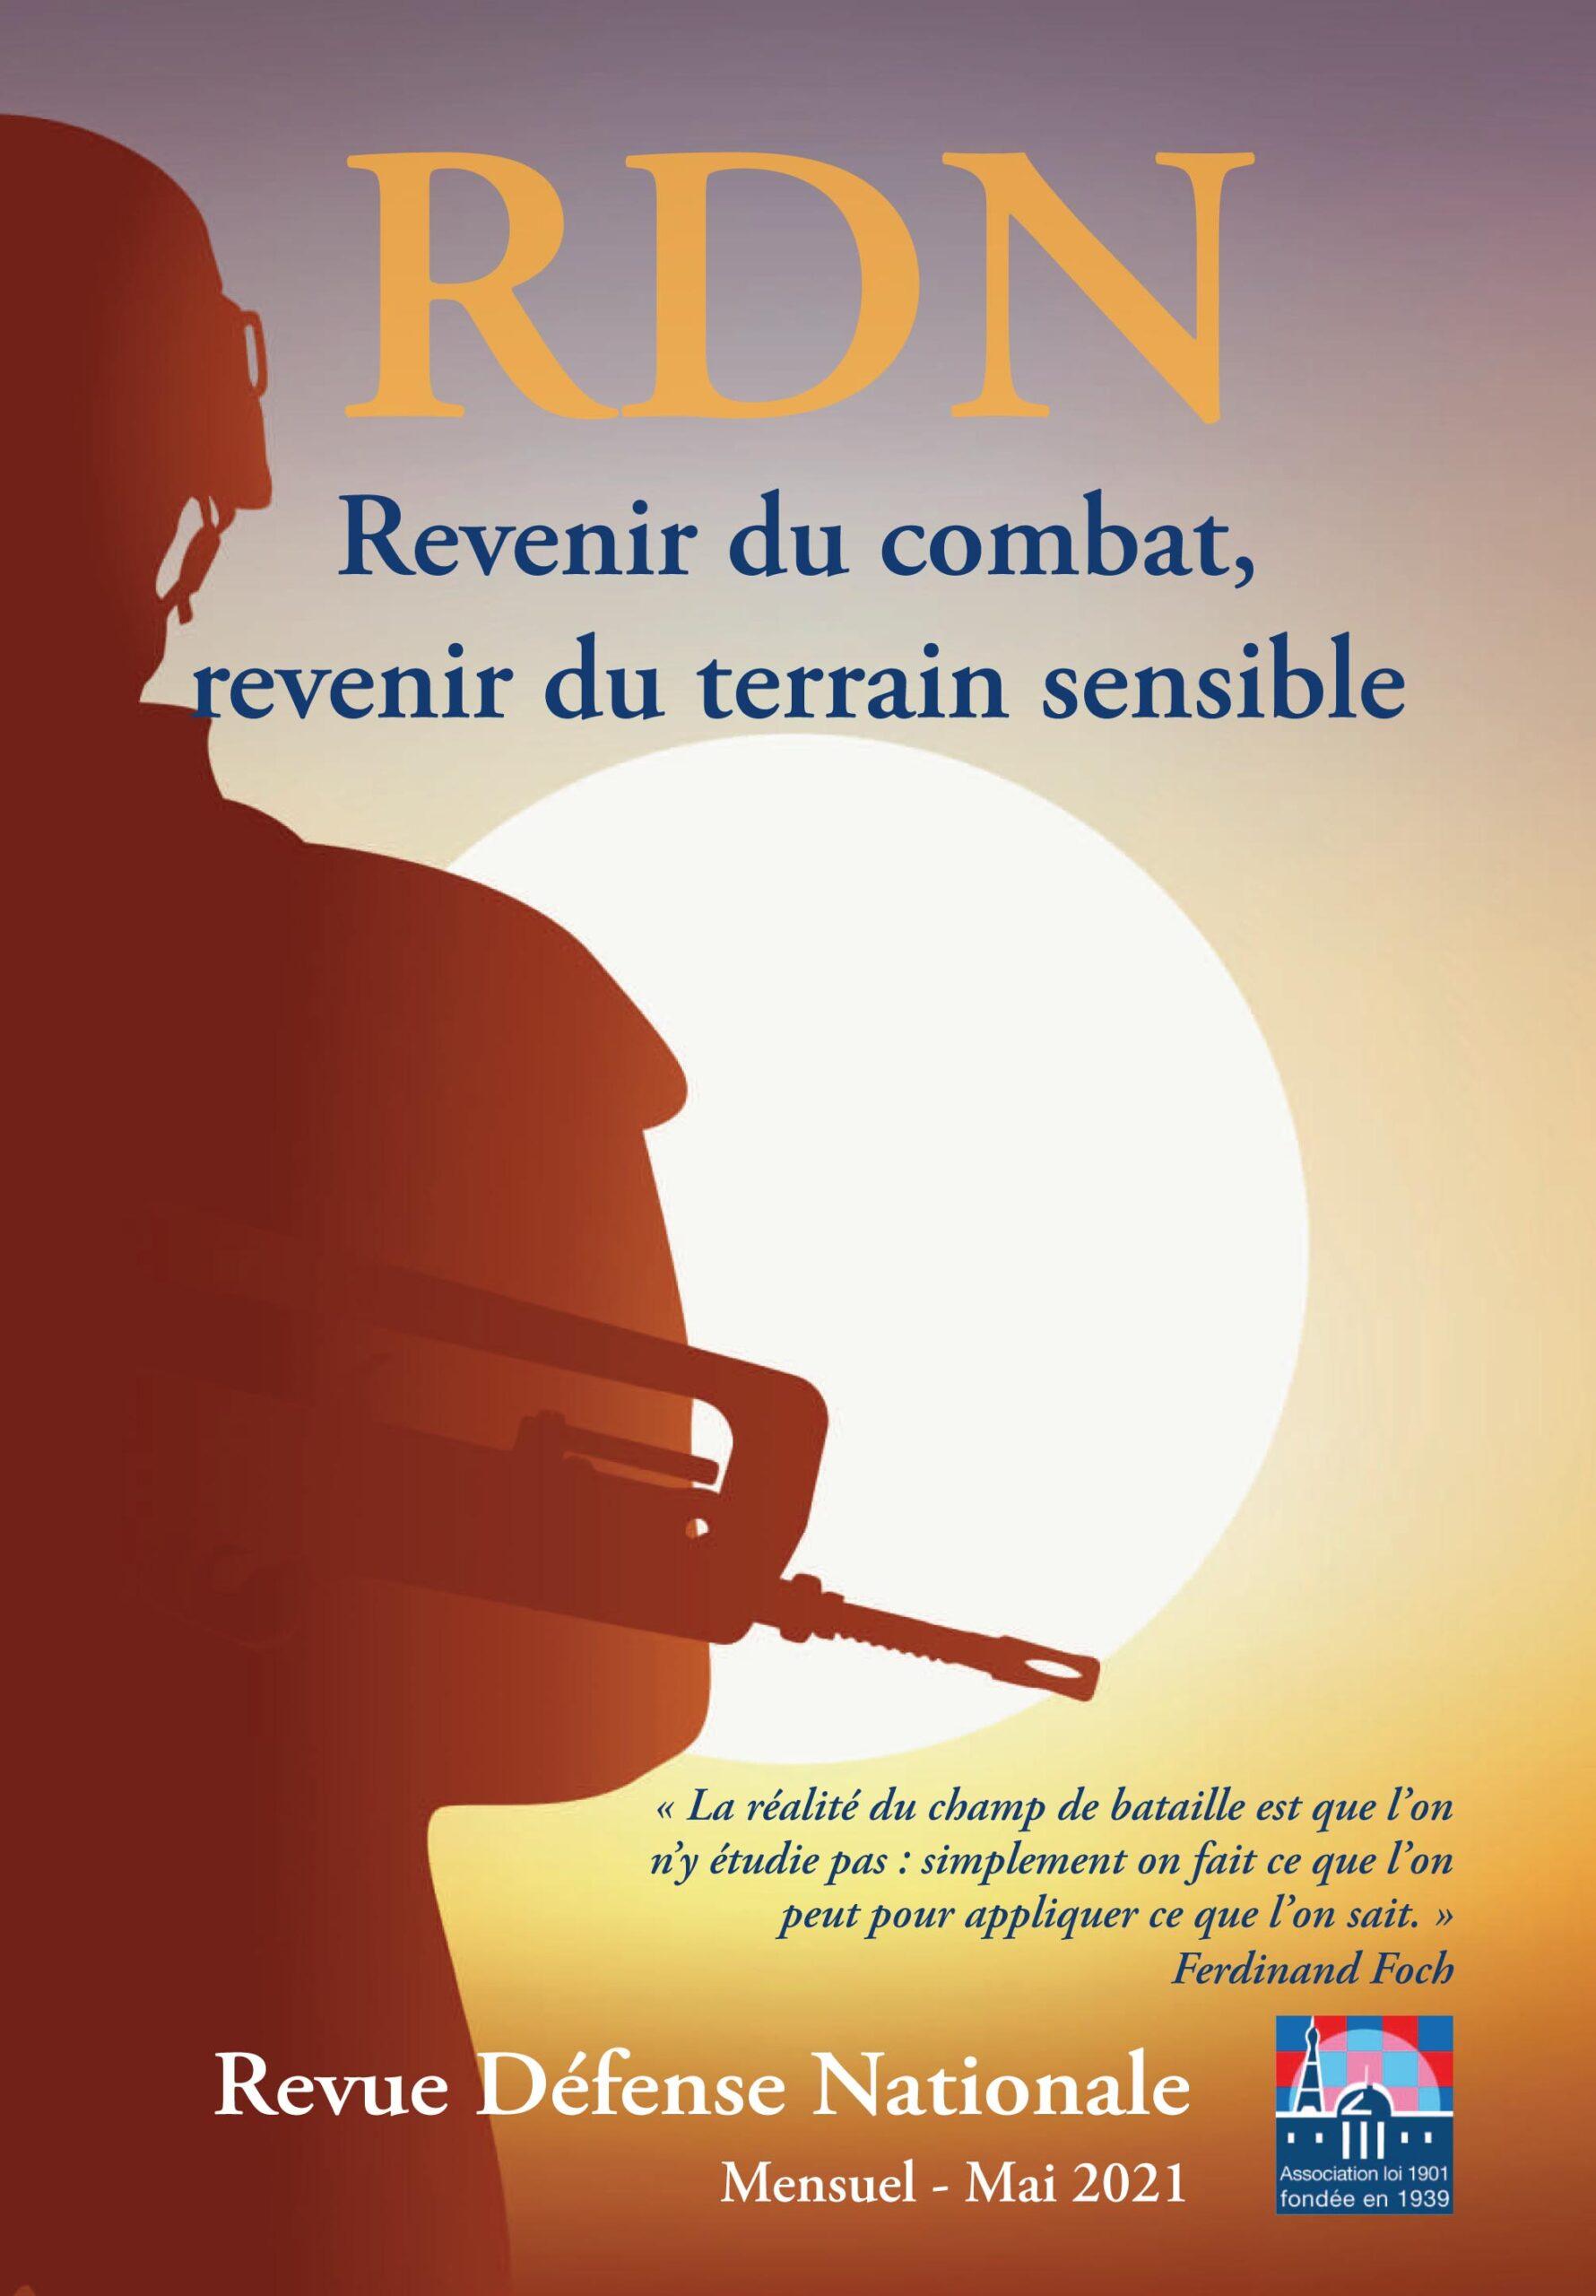 Communiqué de presse : n°840 de la Revue Défense Nationale